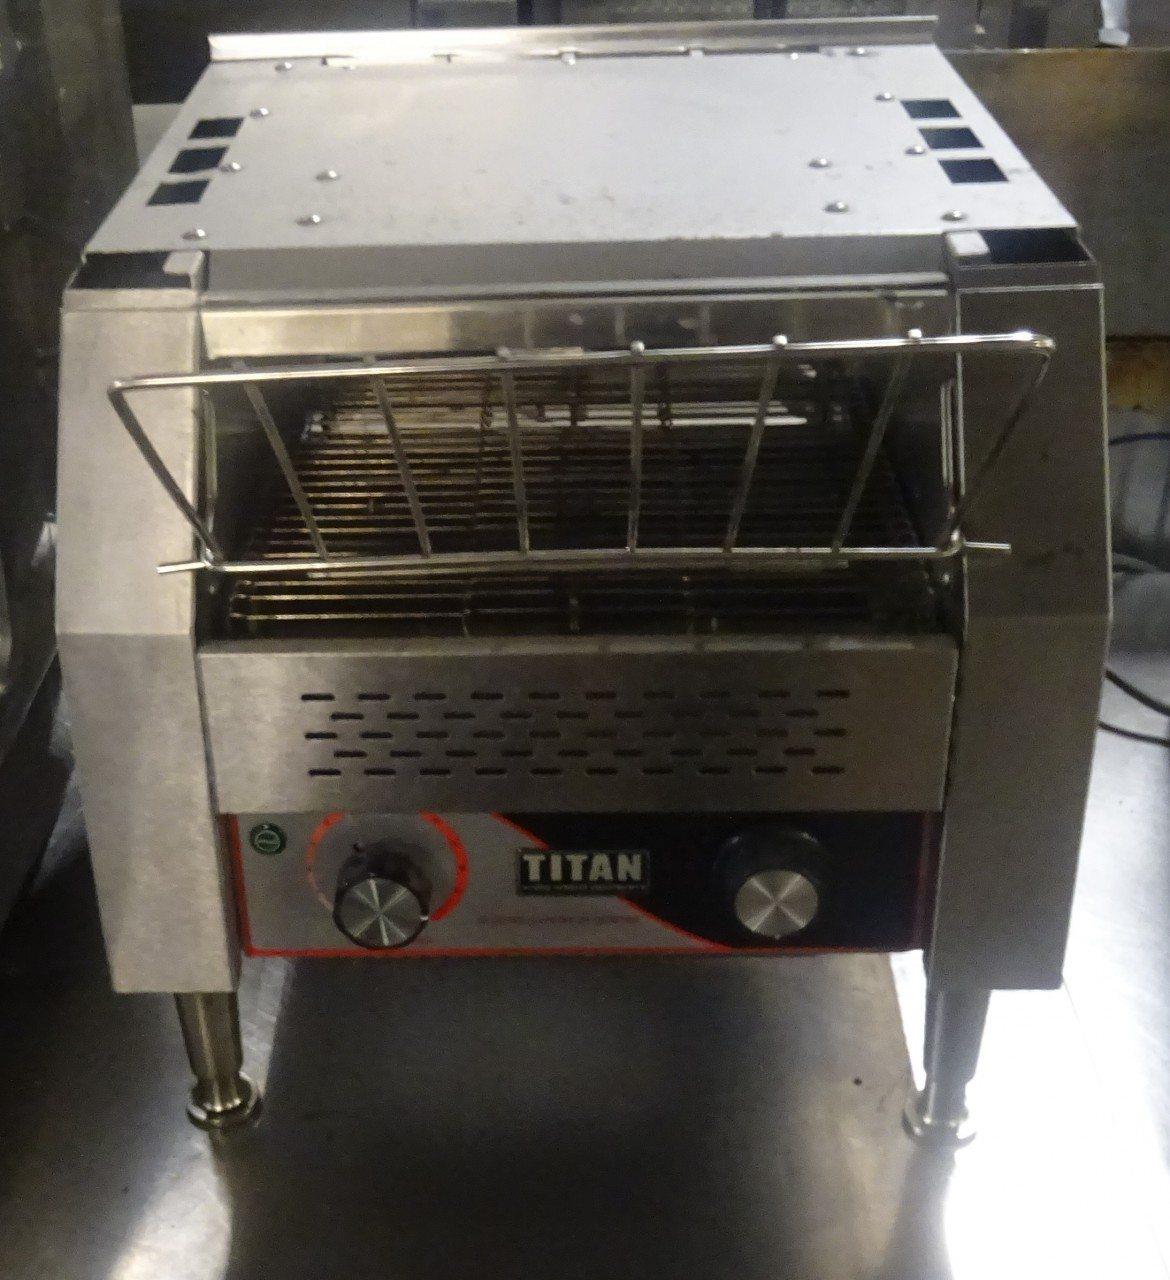 TITAN Compact Conveyer Toaster